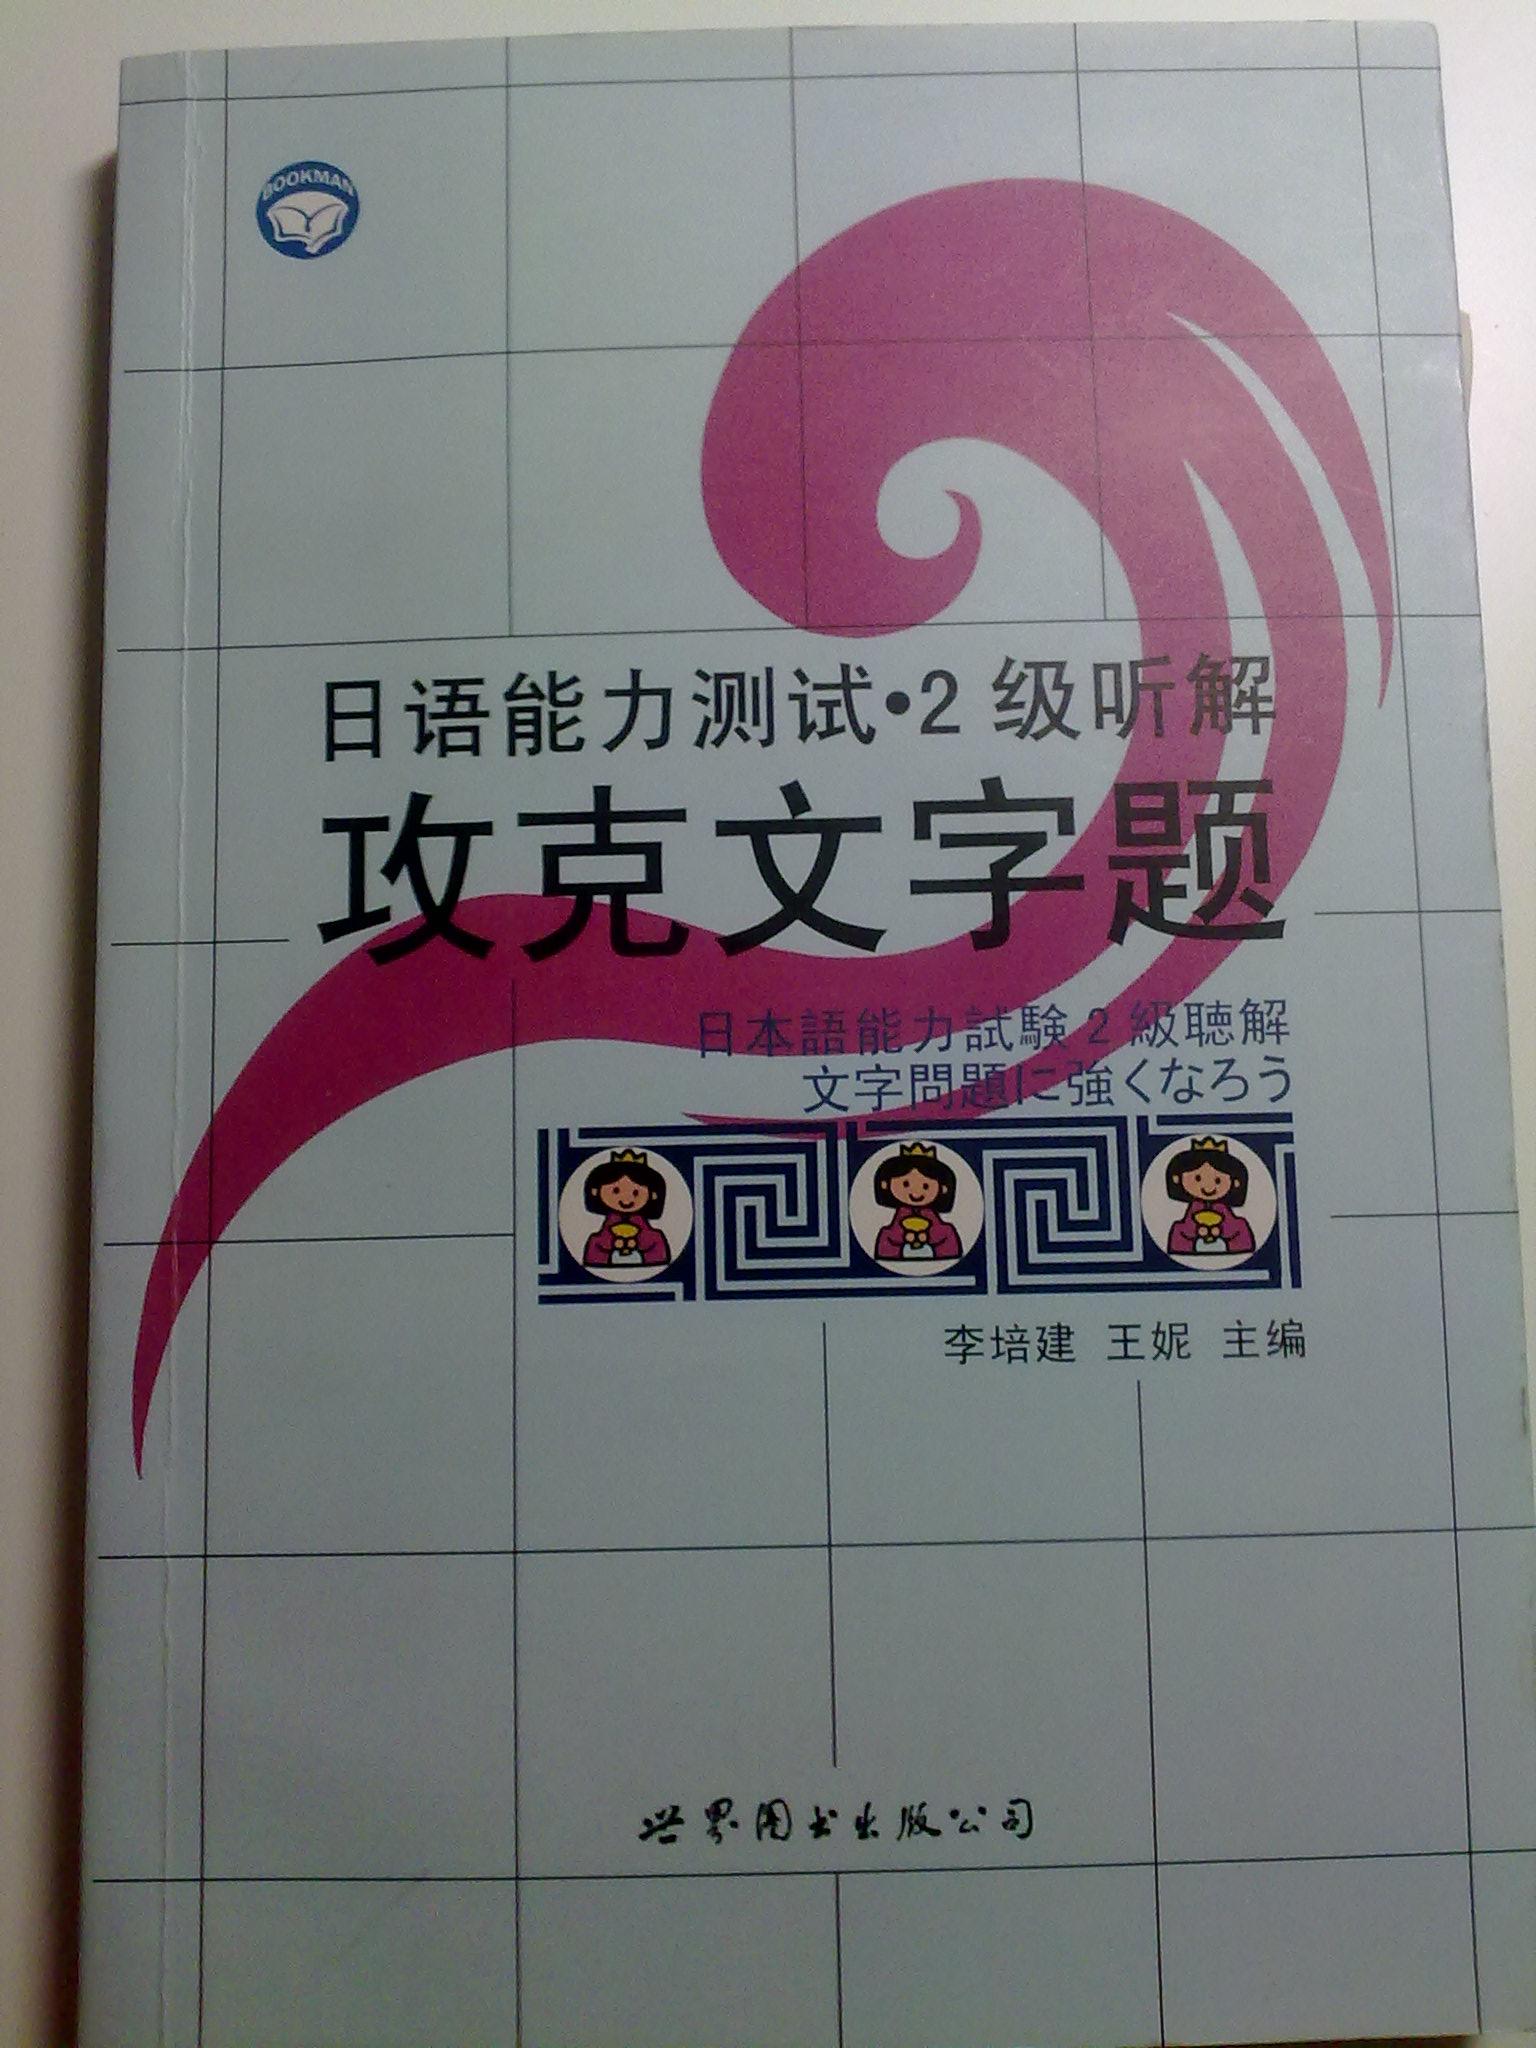 日语能力测试·2级听解